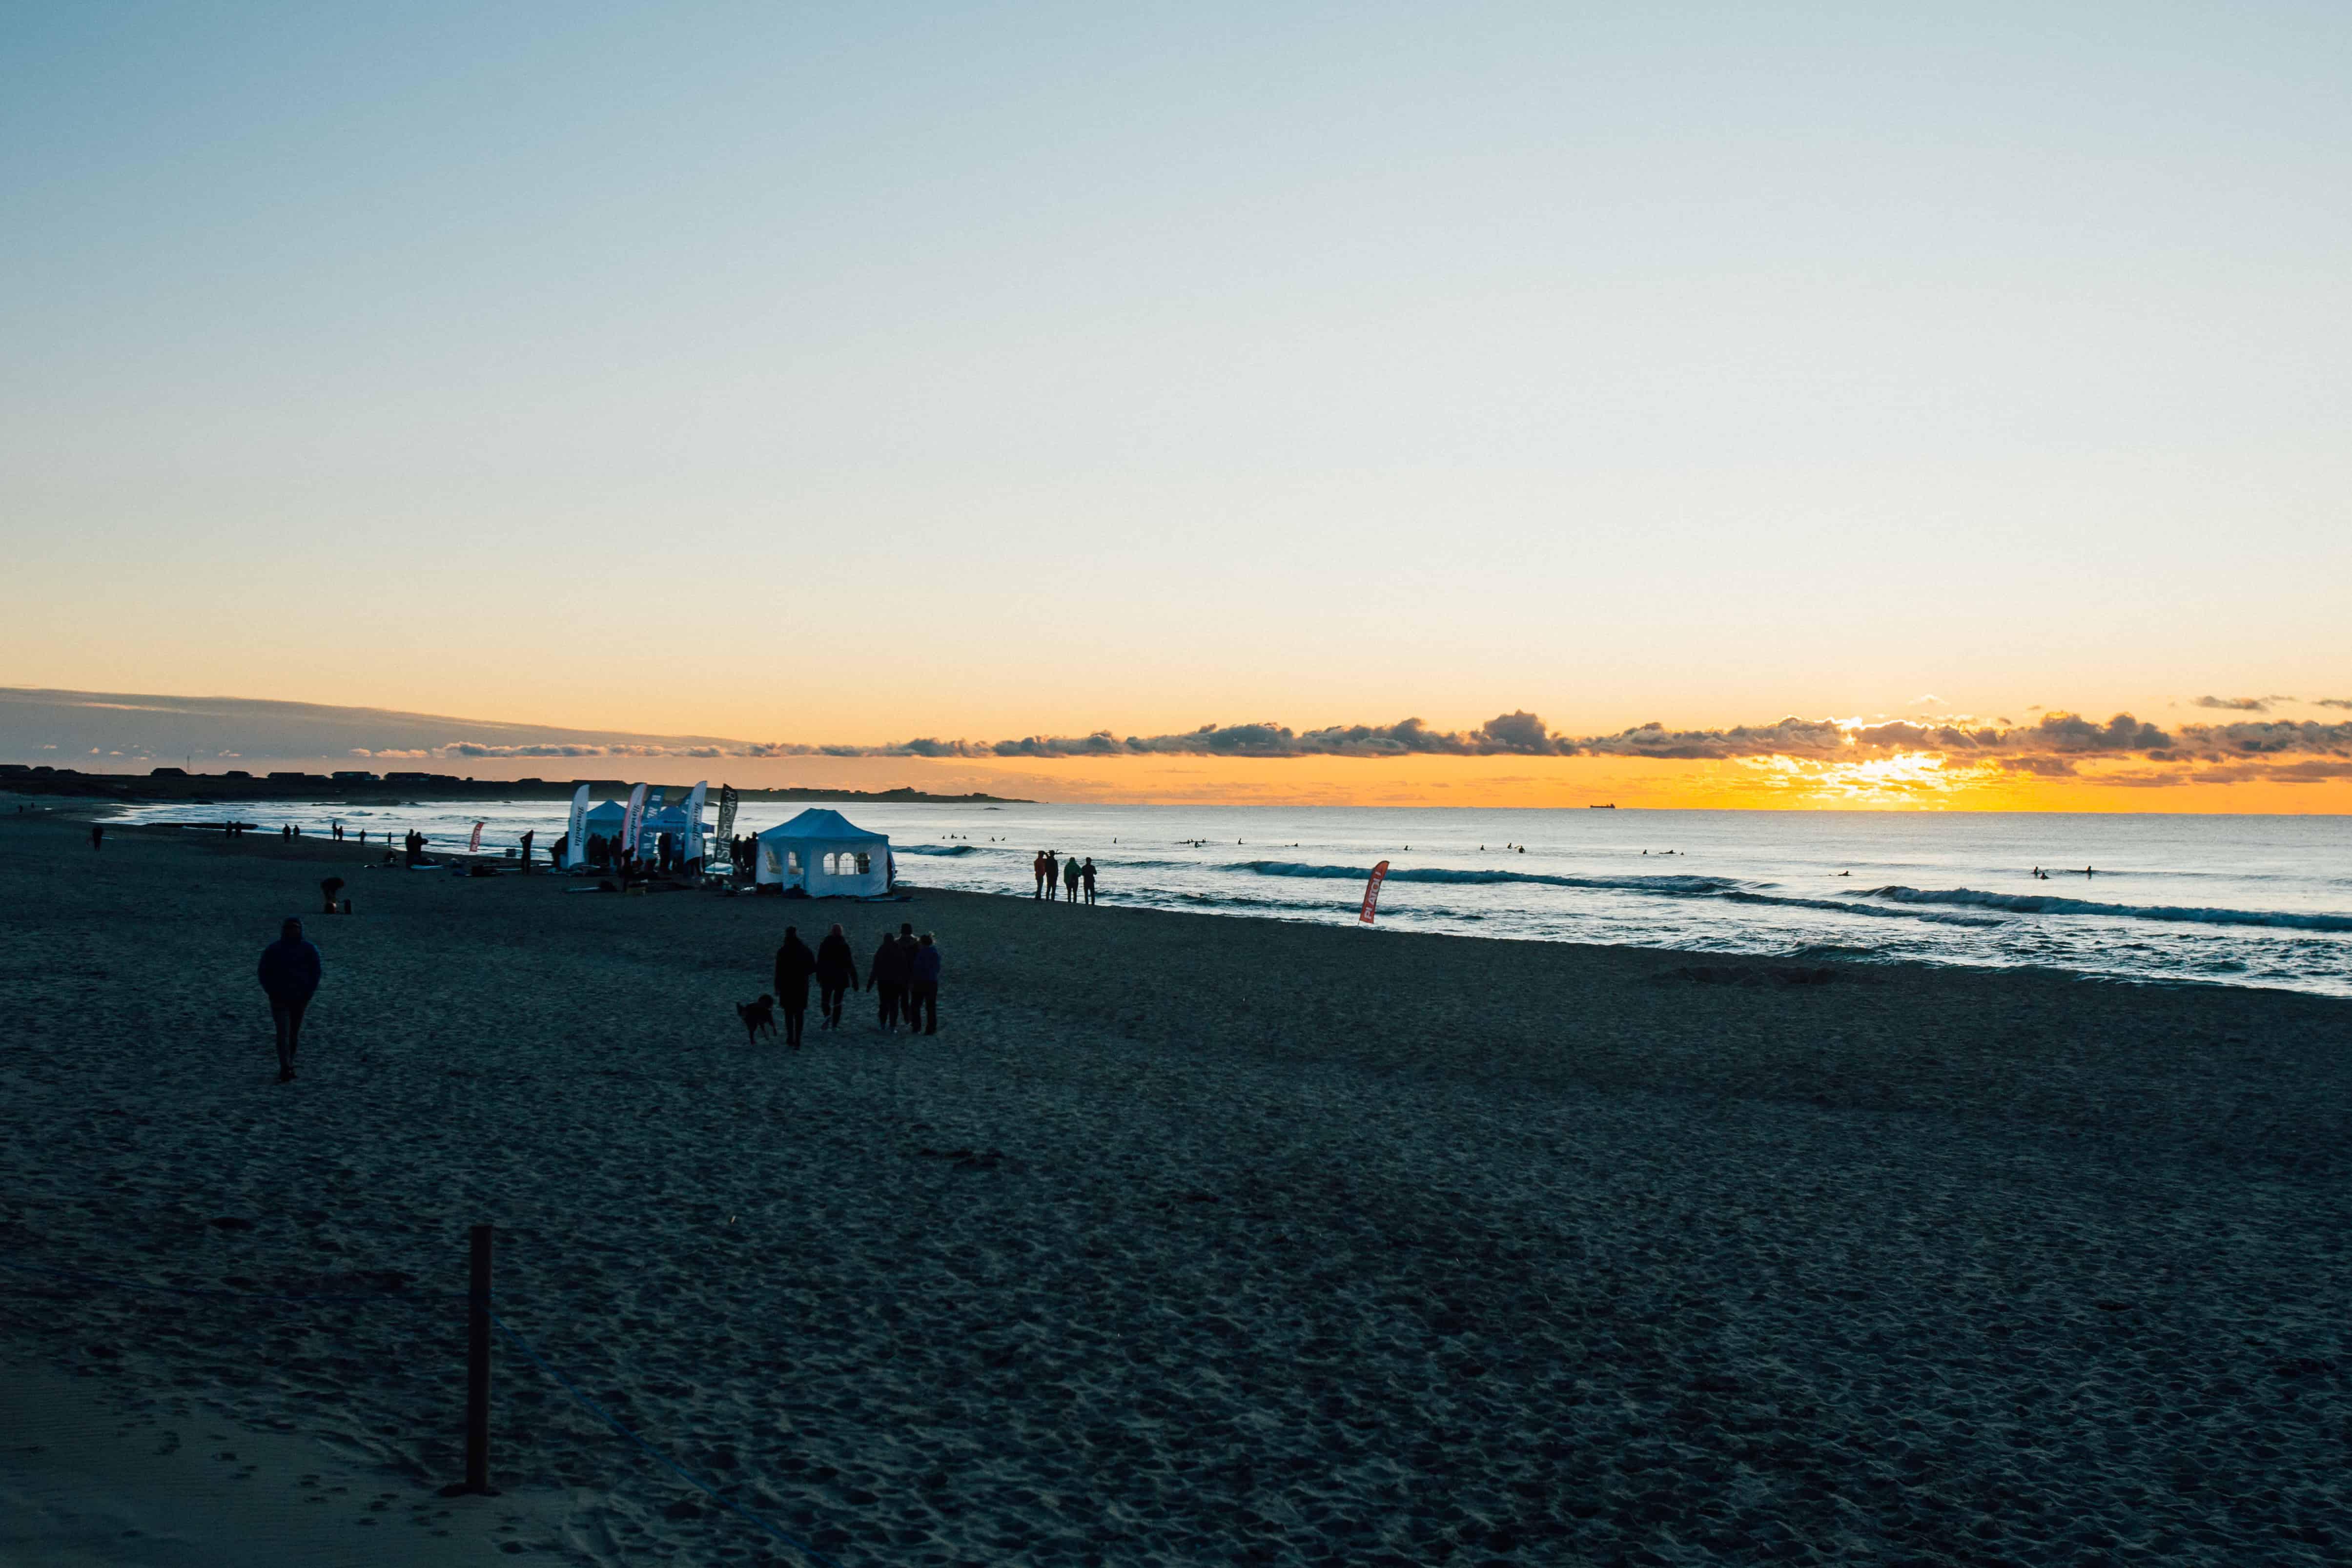 Solnedgang og fortsatt liv - Foto: Ivar Vasstveit